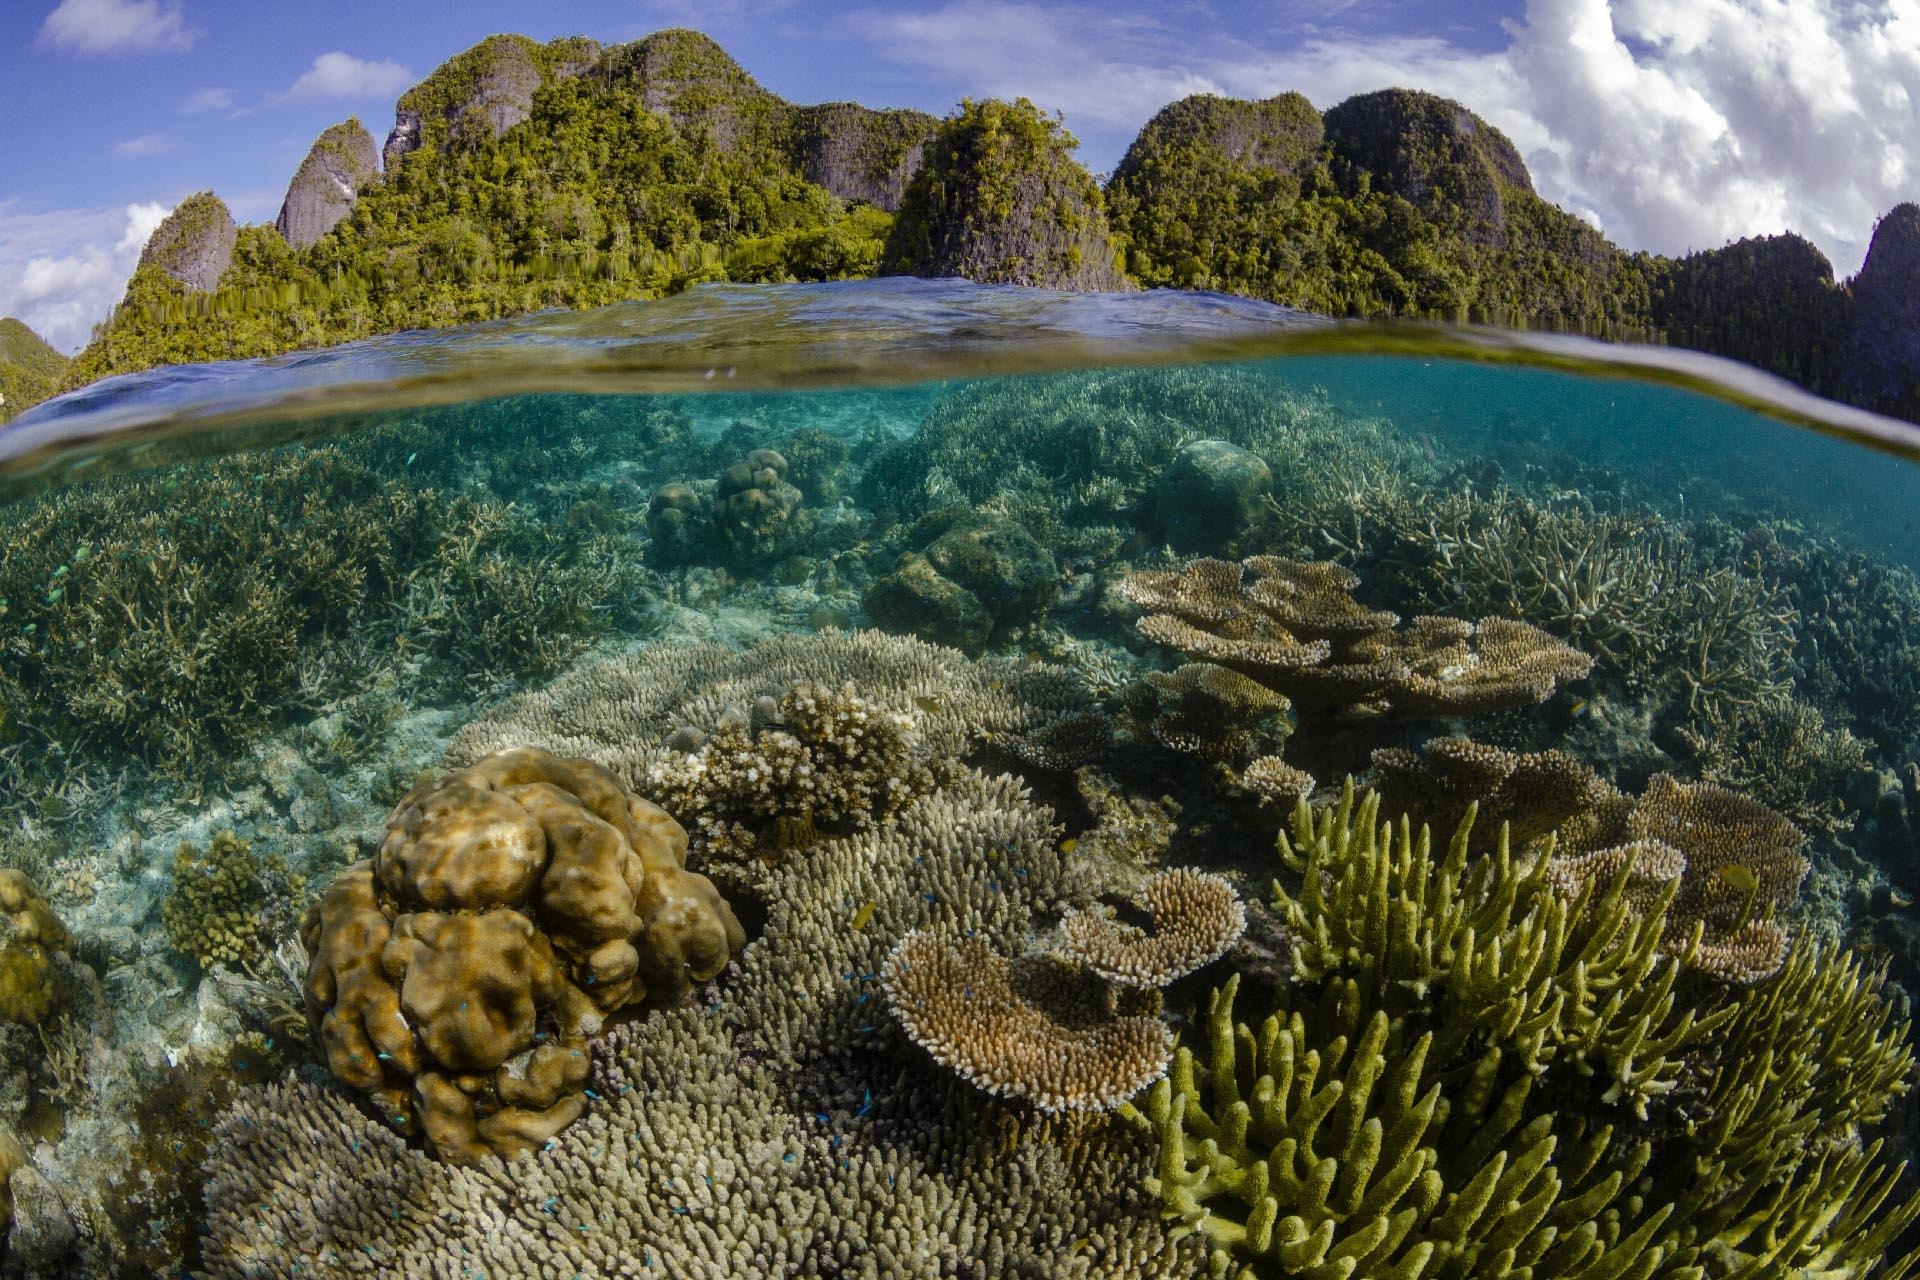 Split shot of coral reef below and raja ampat islands above